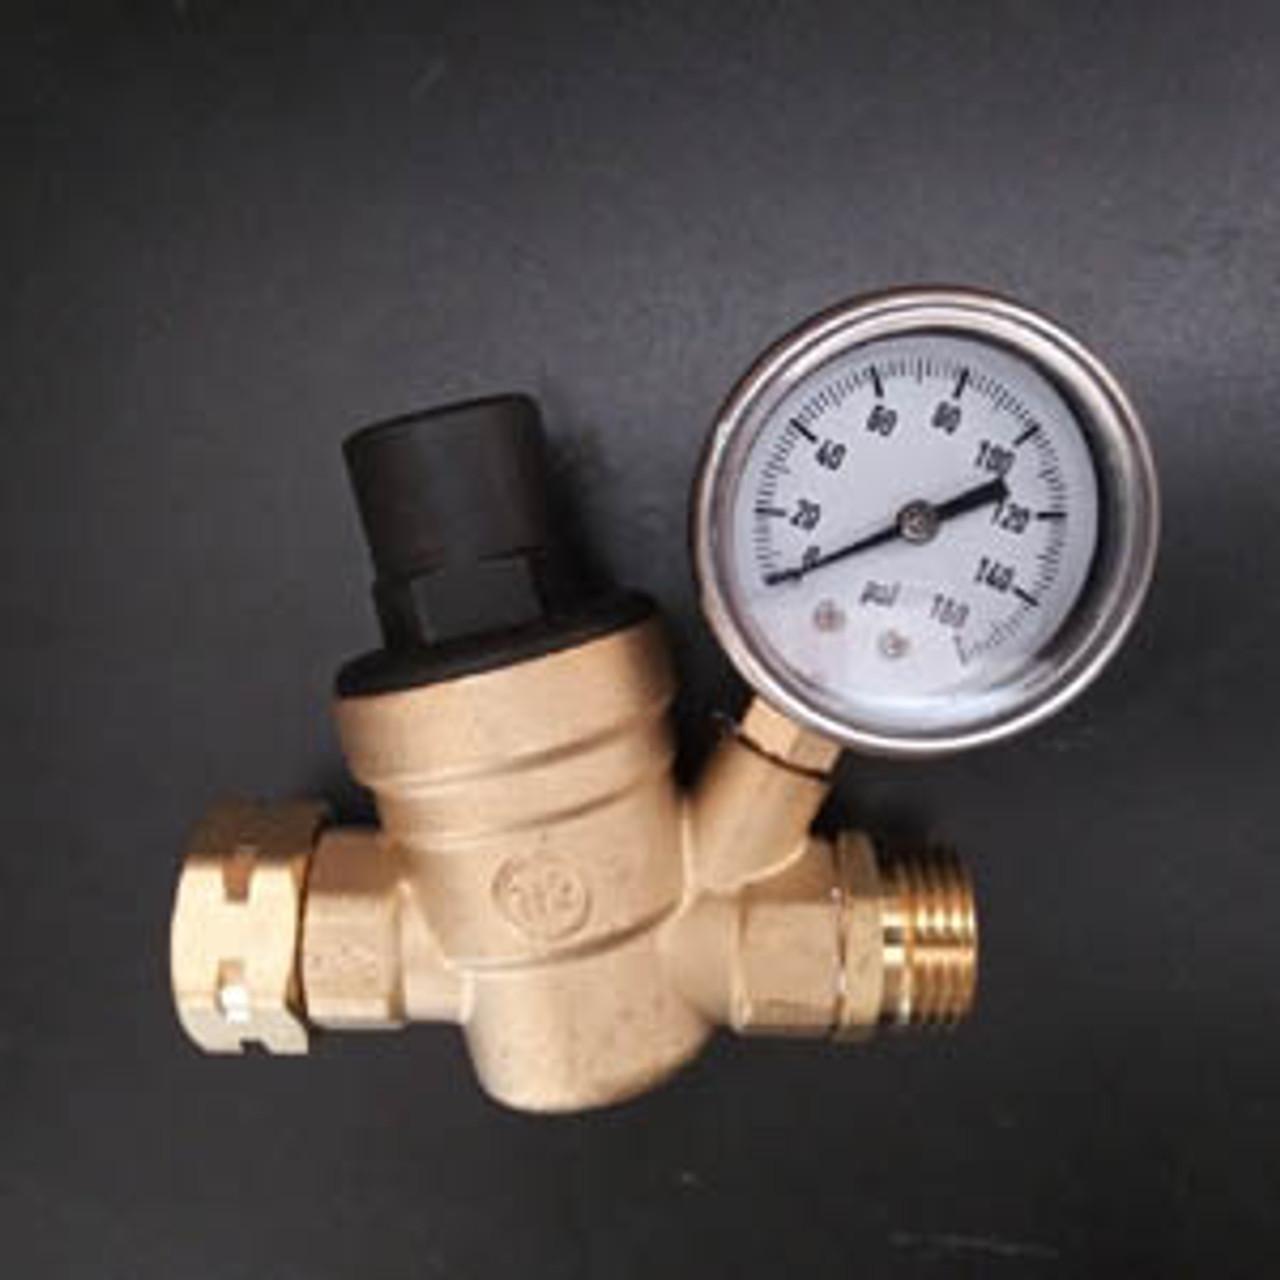 Water Pressure Regulator Adjustable with Gauge